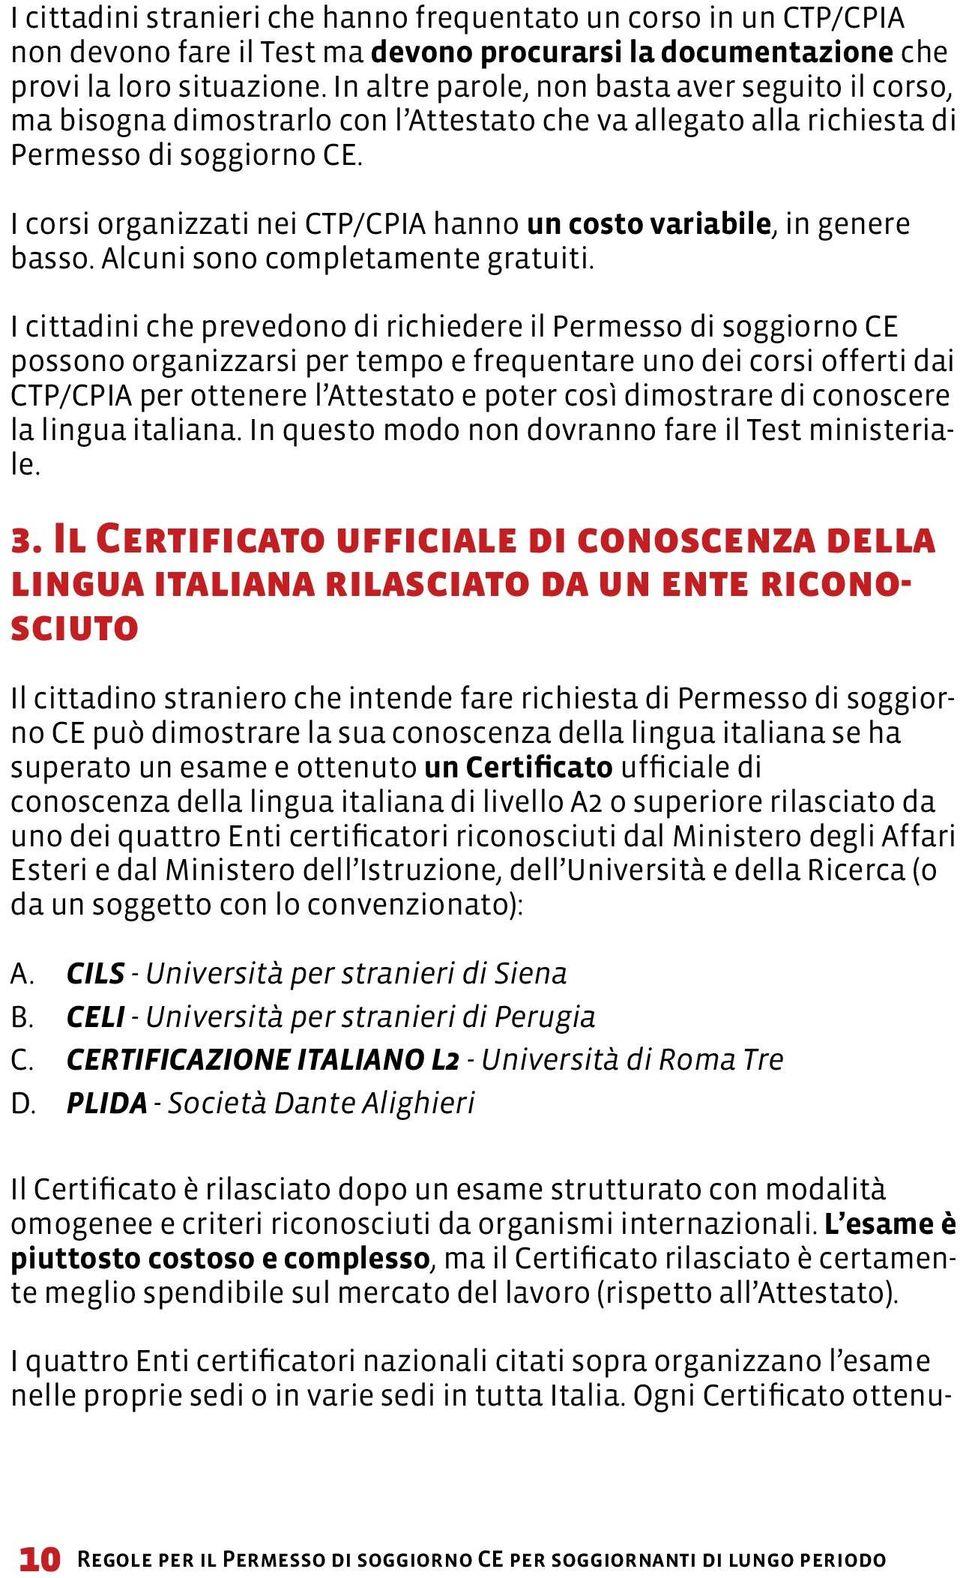 Test Di Lingua Italiana Per Permessi Di Soggiorno Di Lungo Periodo